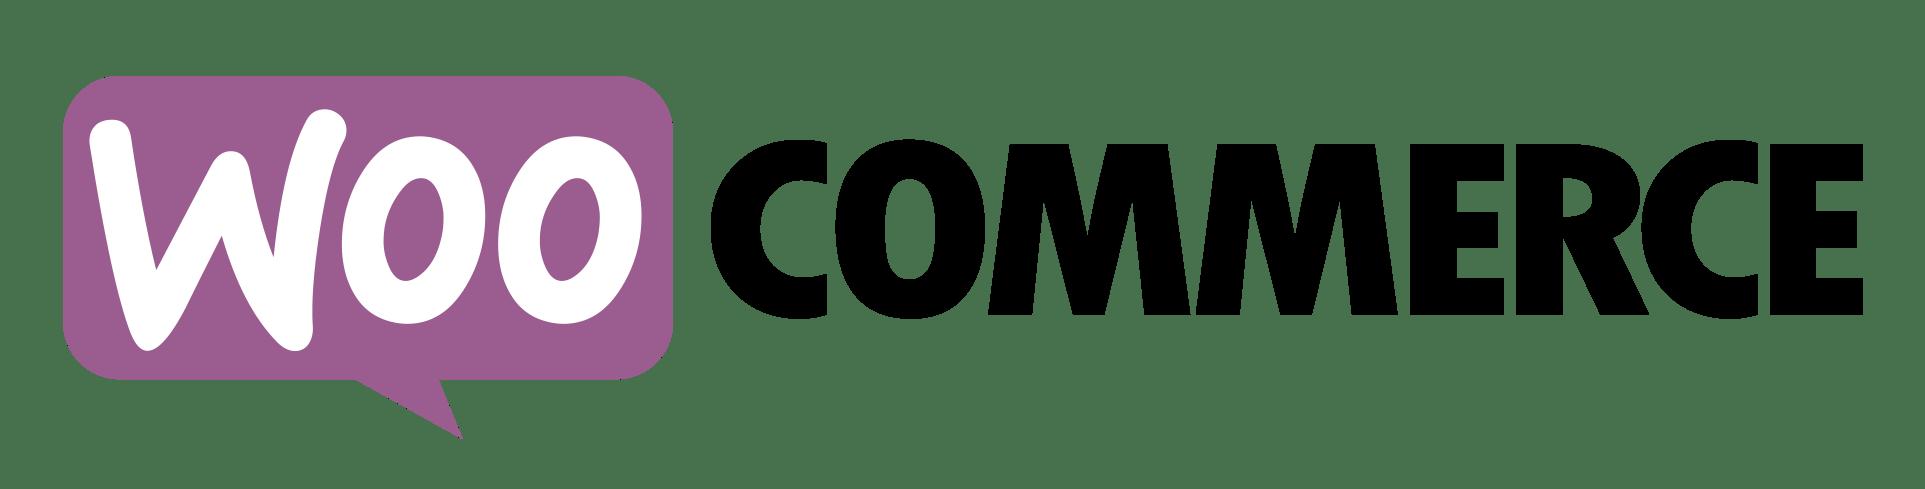 Webshop Woocommerce